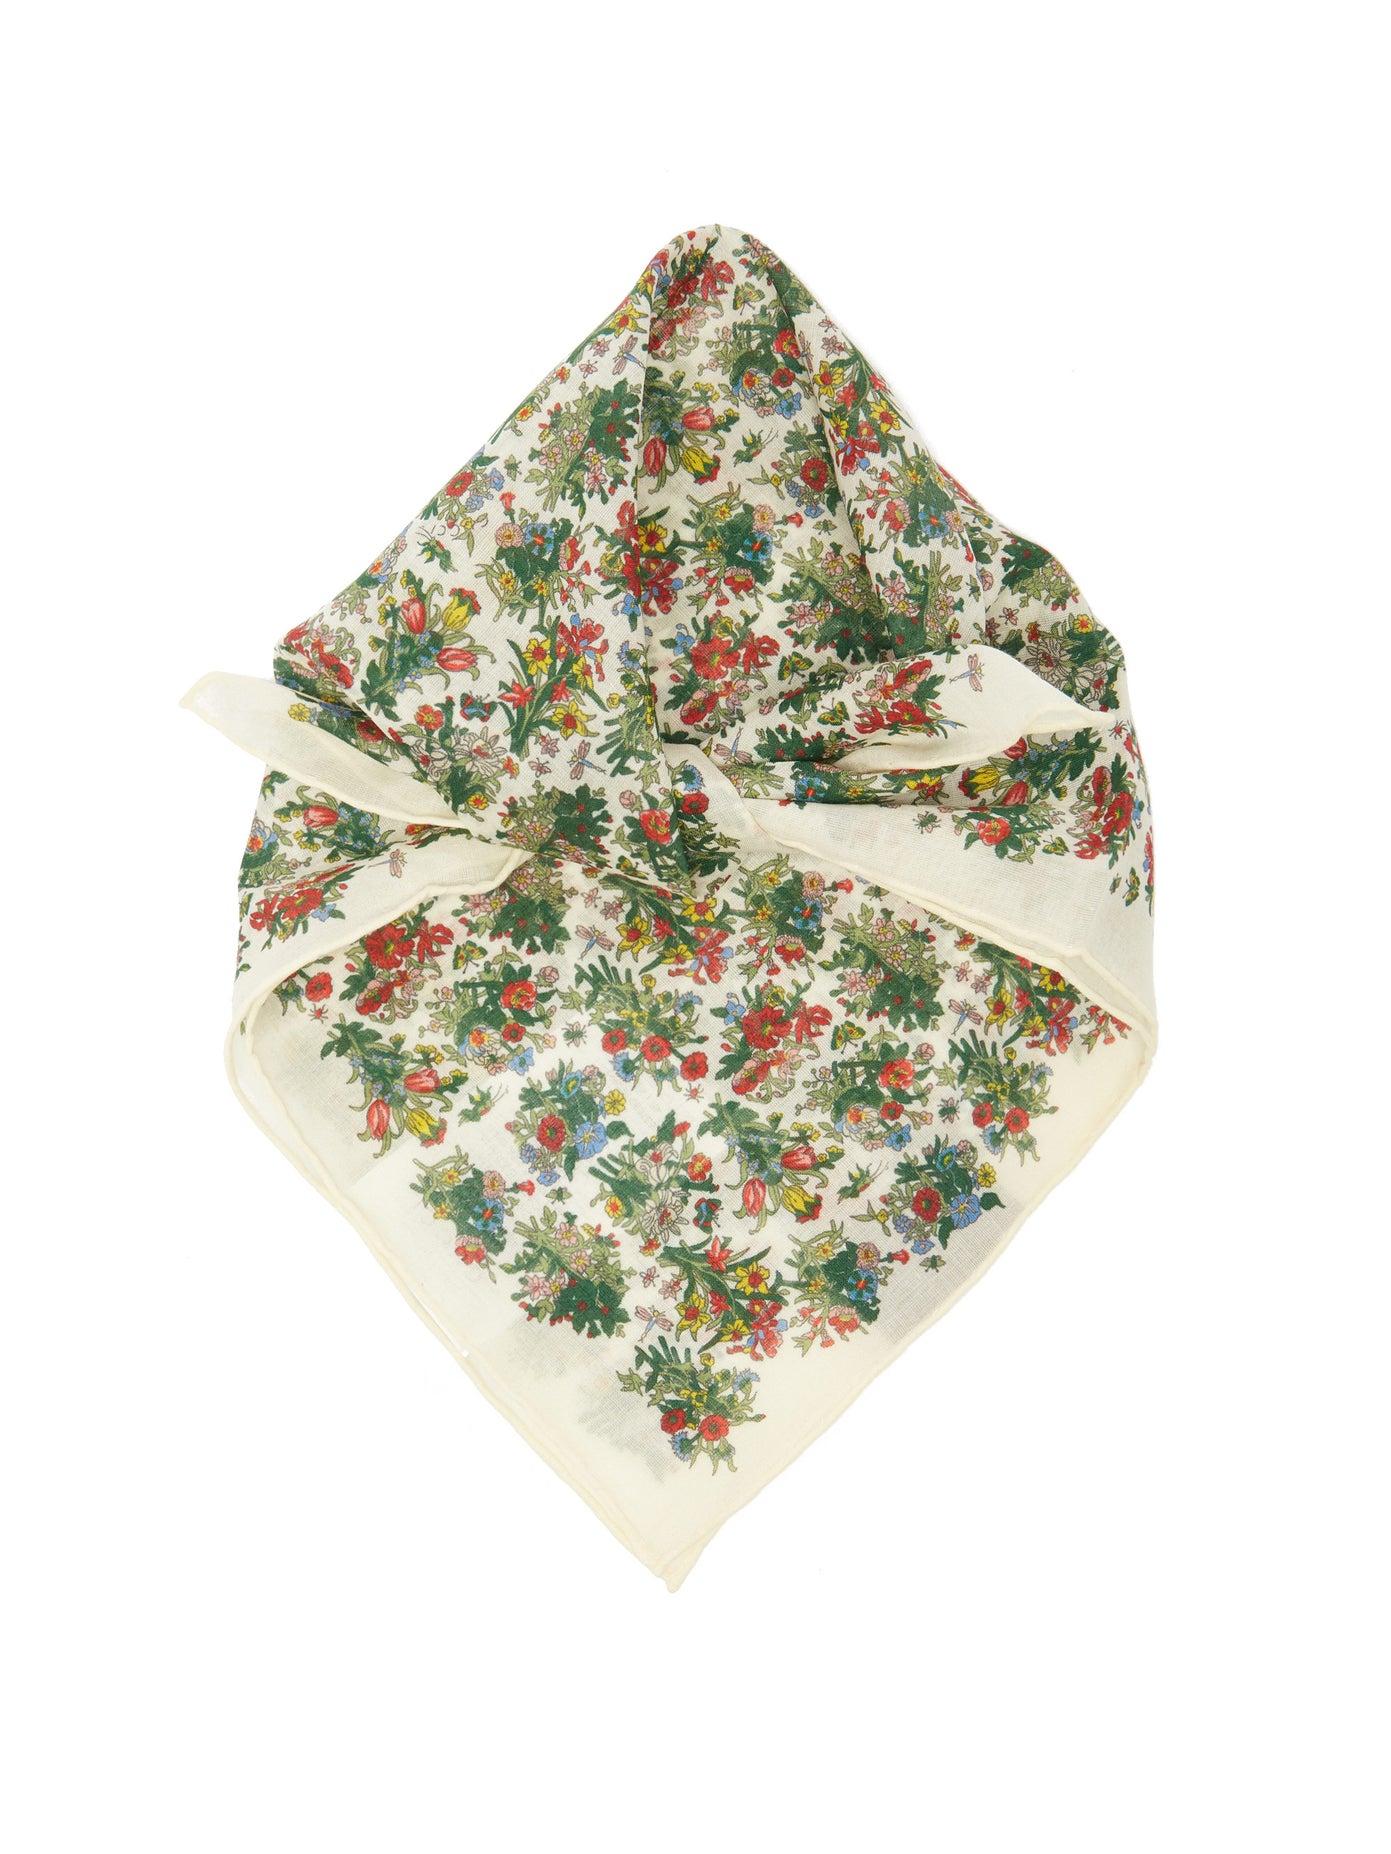 Gucci, Floral-print cotton-poplin square scarf, 312лв